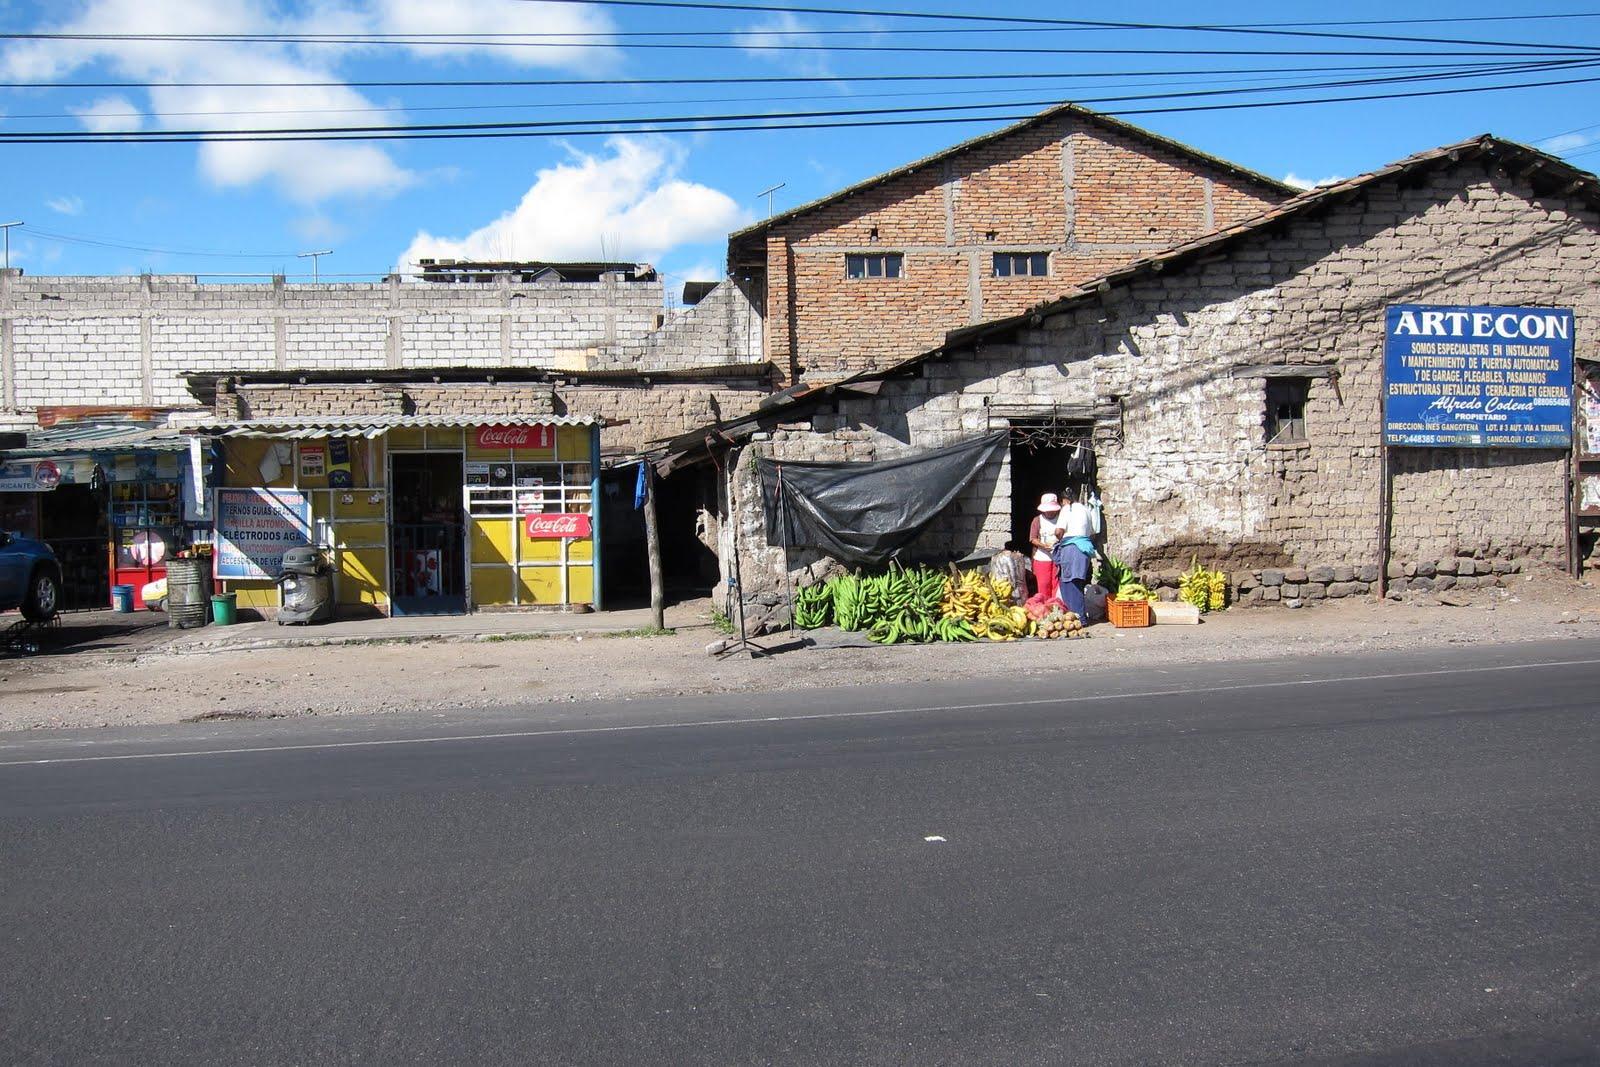 Mountains: Pasochoa, Ecuador